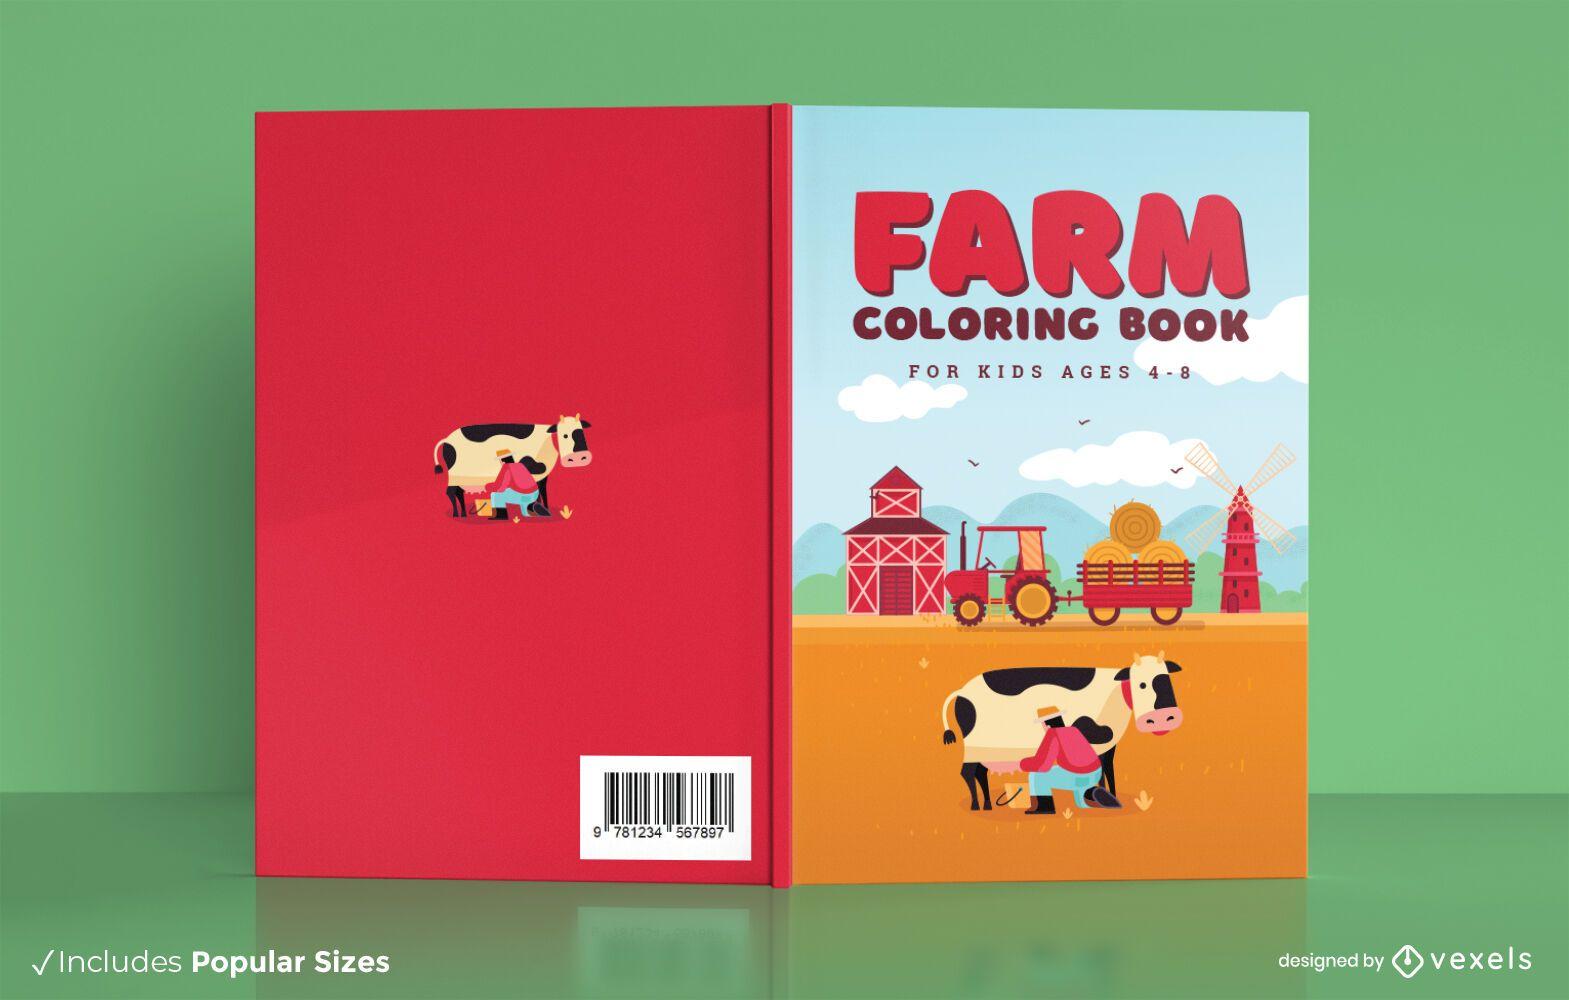 Dise?o de portada de libro para colorear de granja